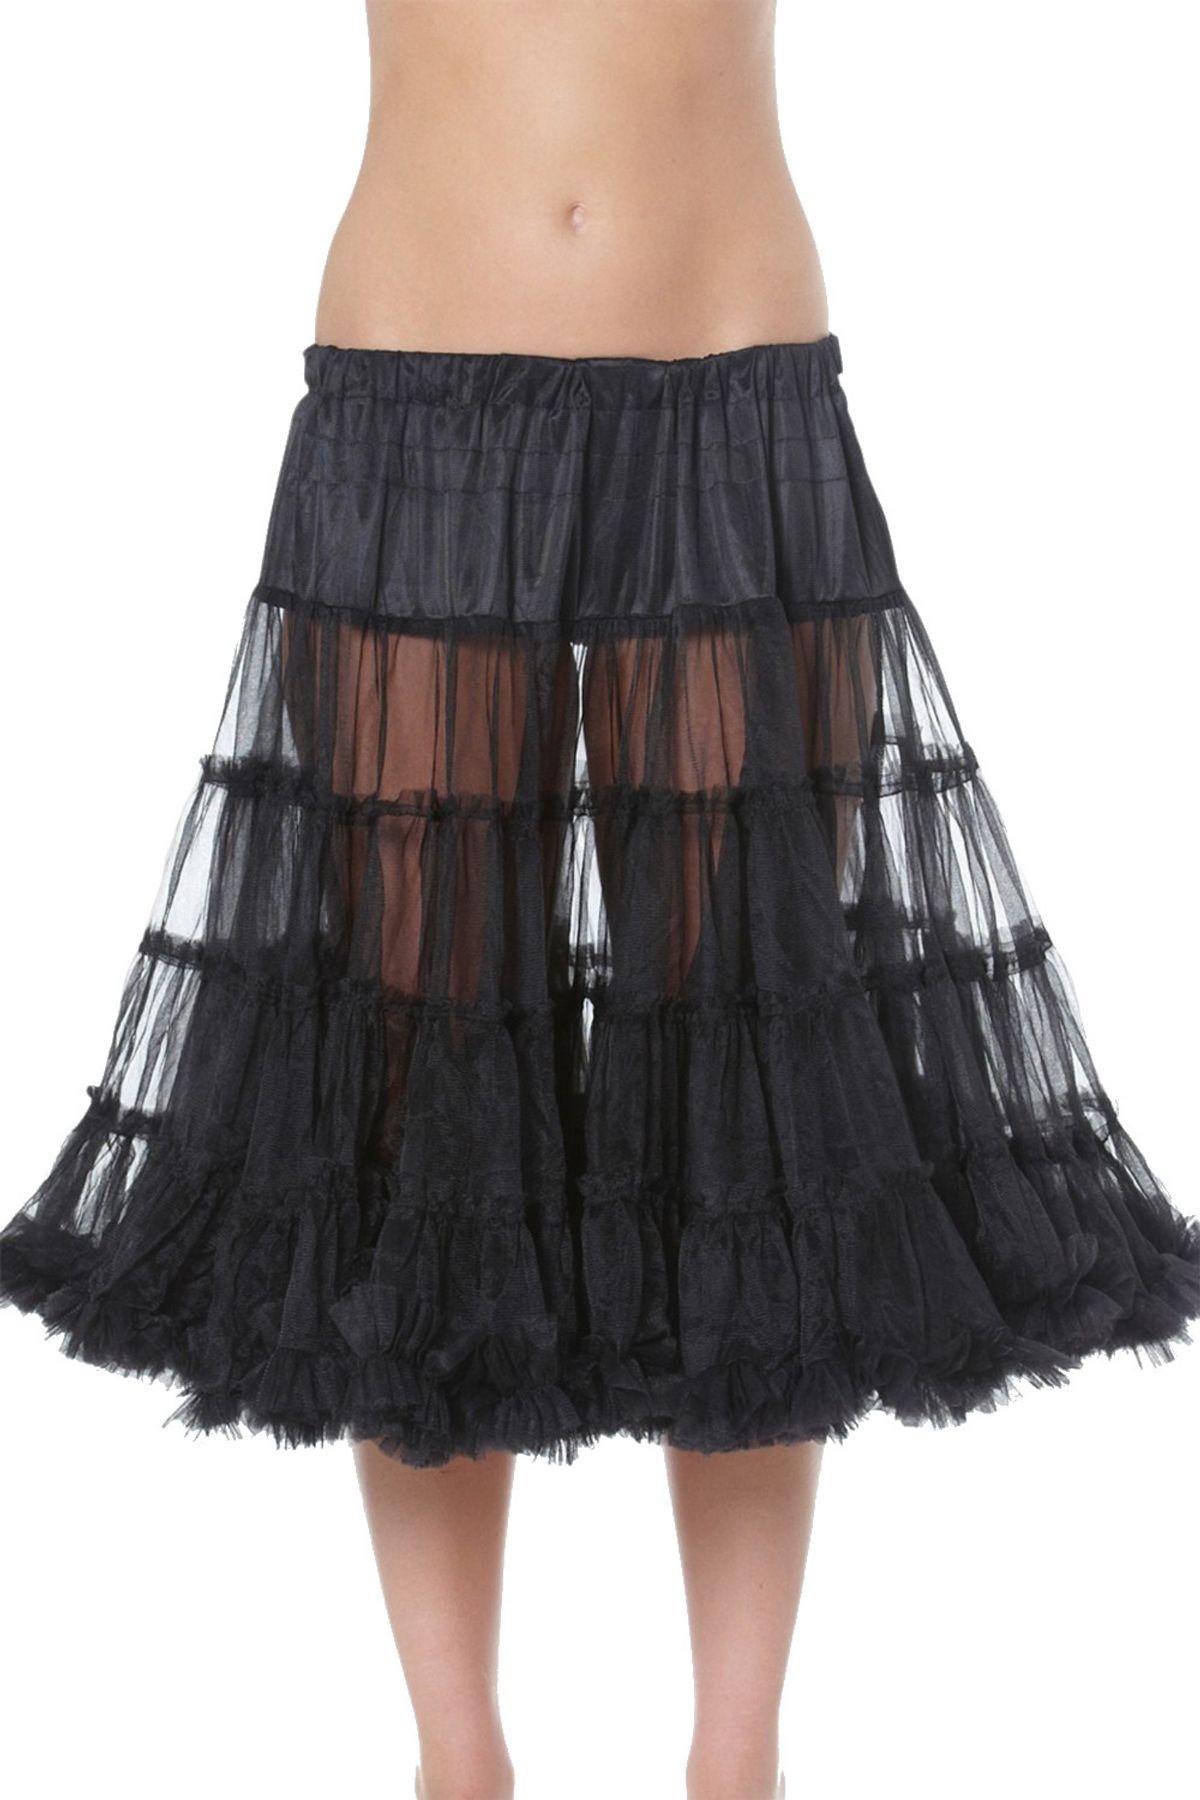 Krüger - Damen Petticoat, 80 cm Länge, Taillenweit ist frei regulierbar von Gr. 32 bis 46 in Schwarz , Black 80 (Artikelnummer: 480-4) – Bild 1